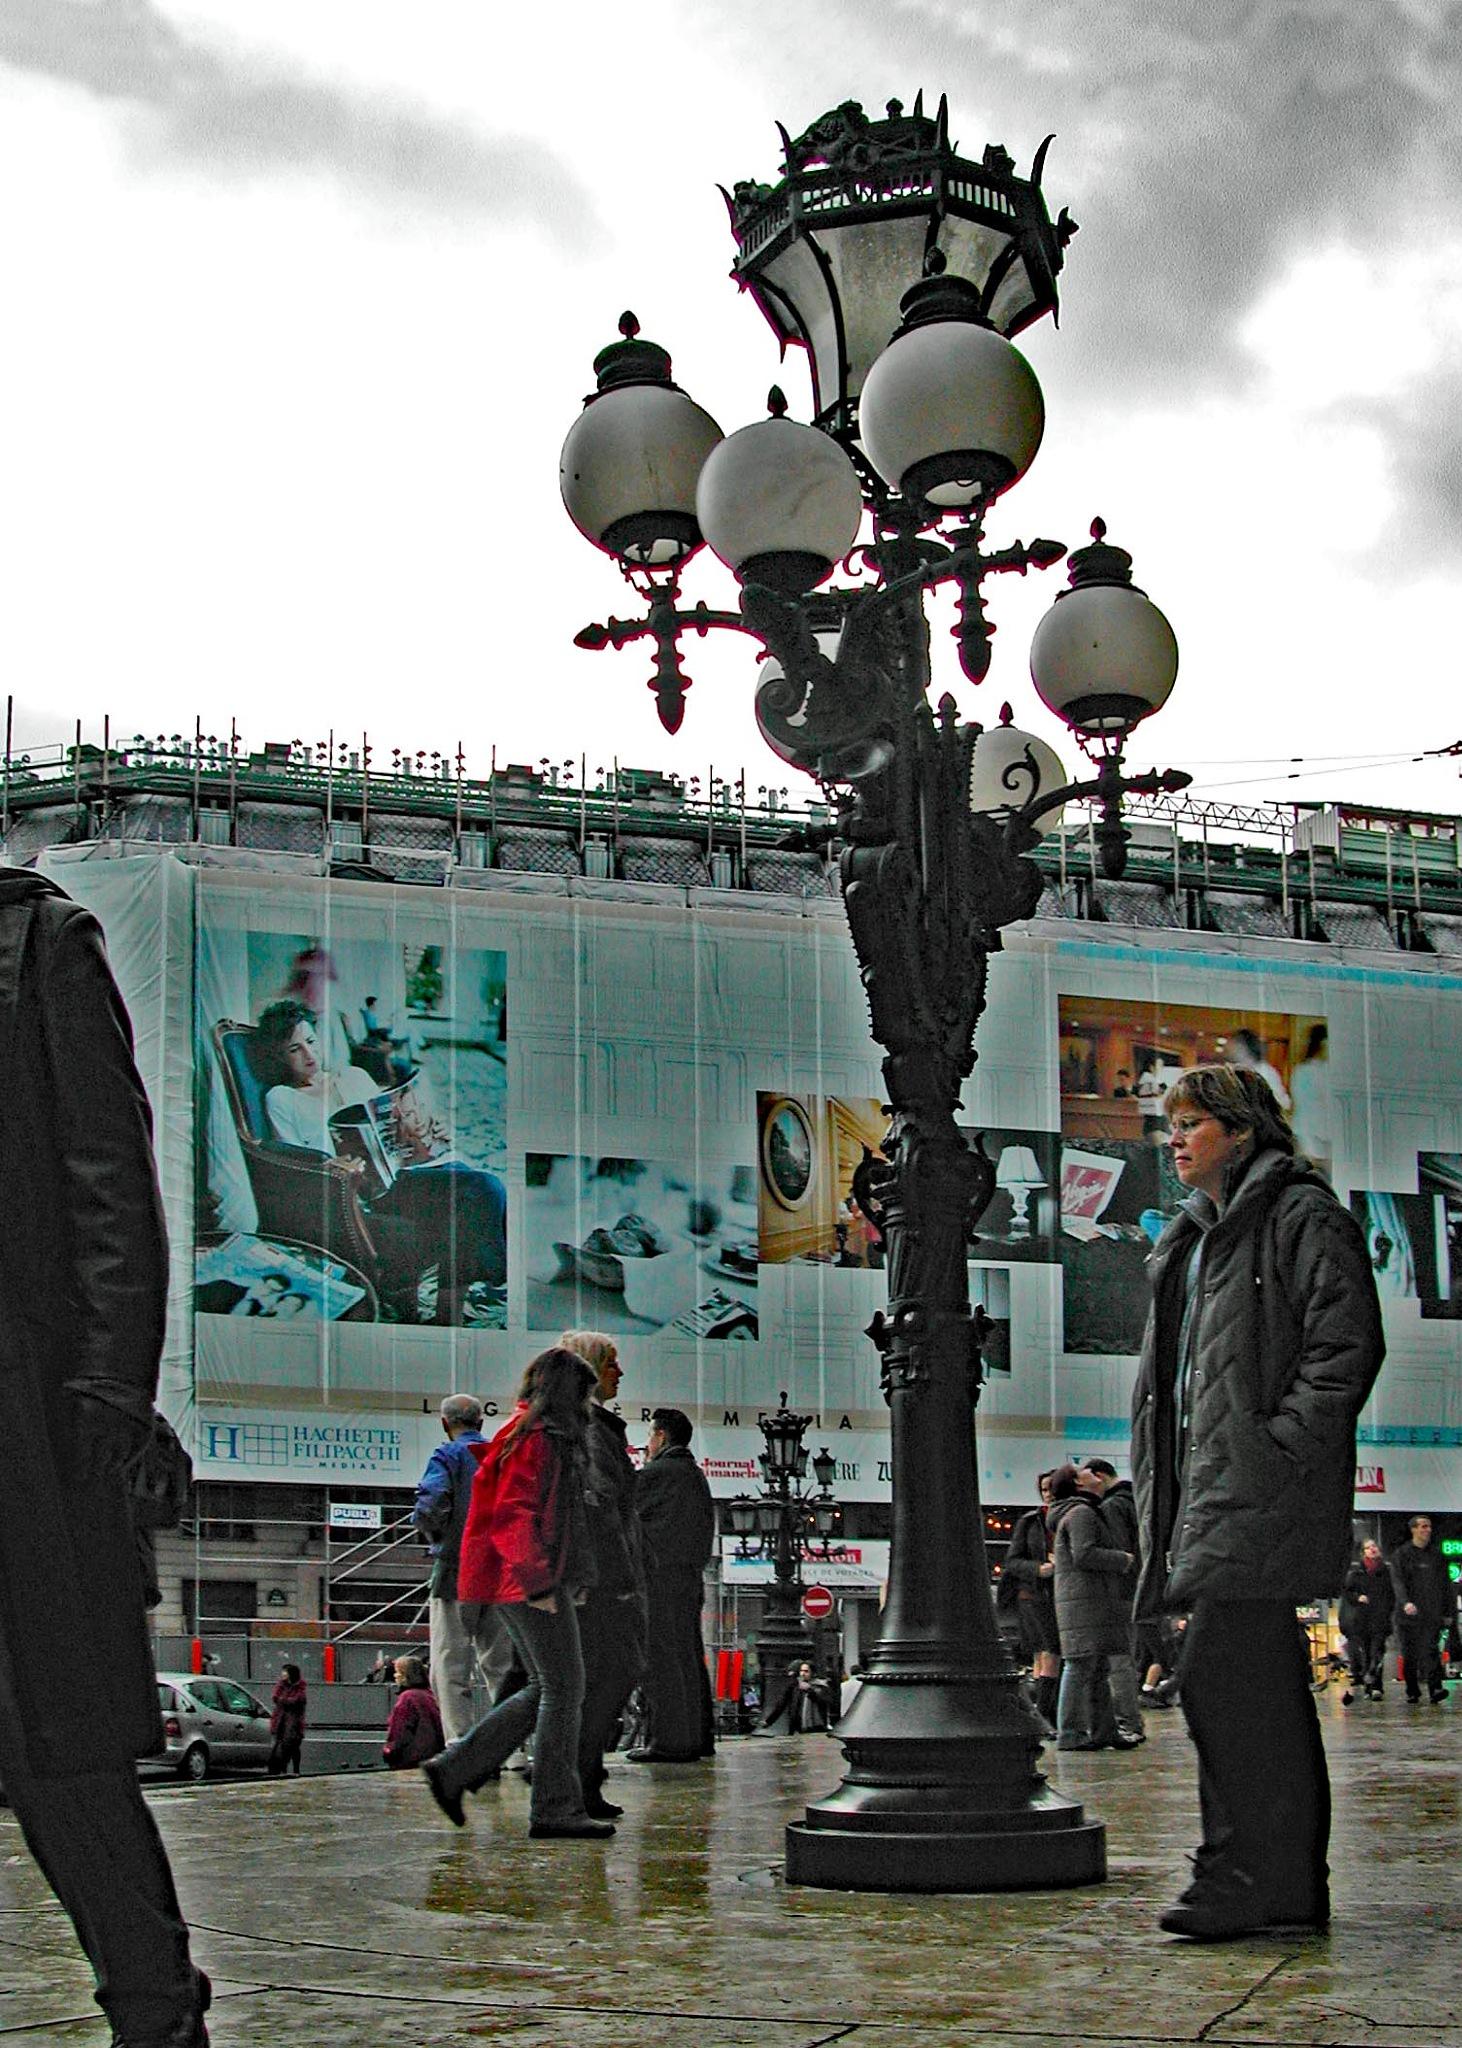 Streetlight in Paris by HaWaFoTo